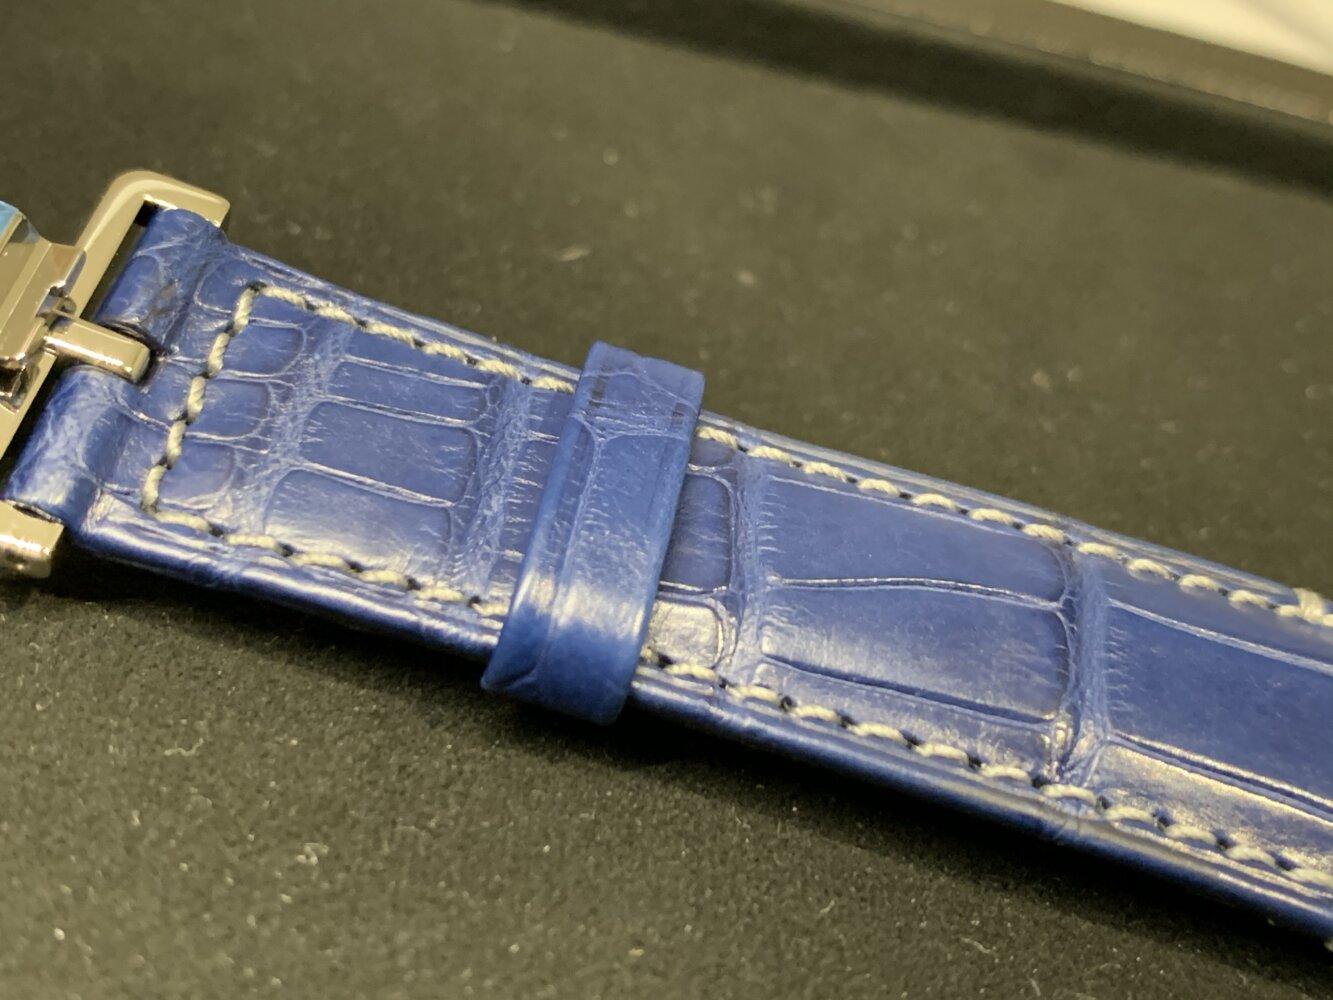 ゼニス エル・プリメロ 50周年記念 250本限定モデル「クロノマスター2」が緊急入荷!-ZENITH -img_7766